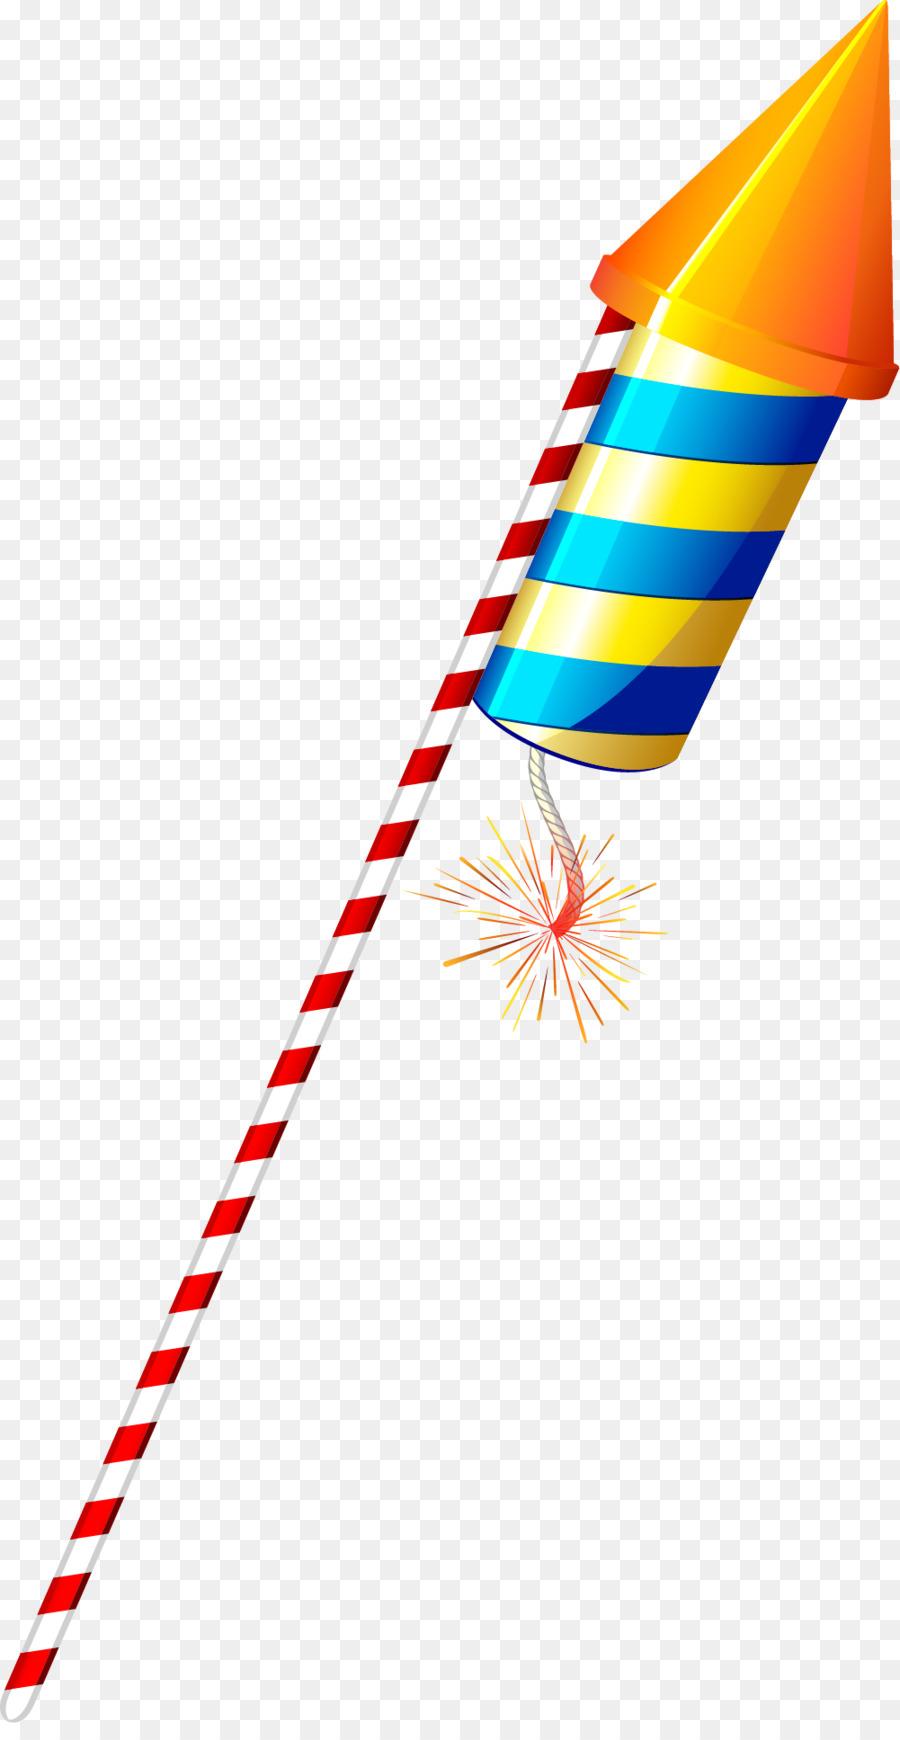 Firecracker clipart diwali. Fireworks yellow